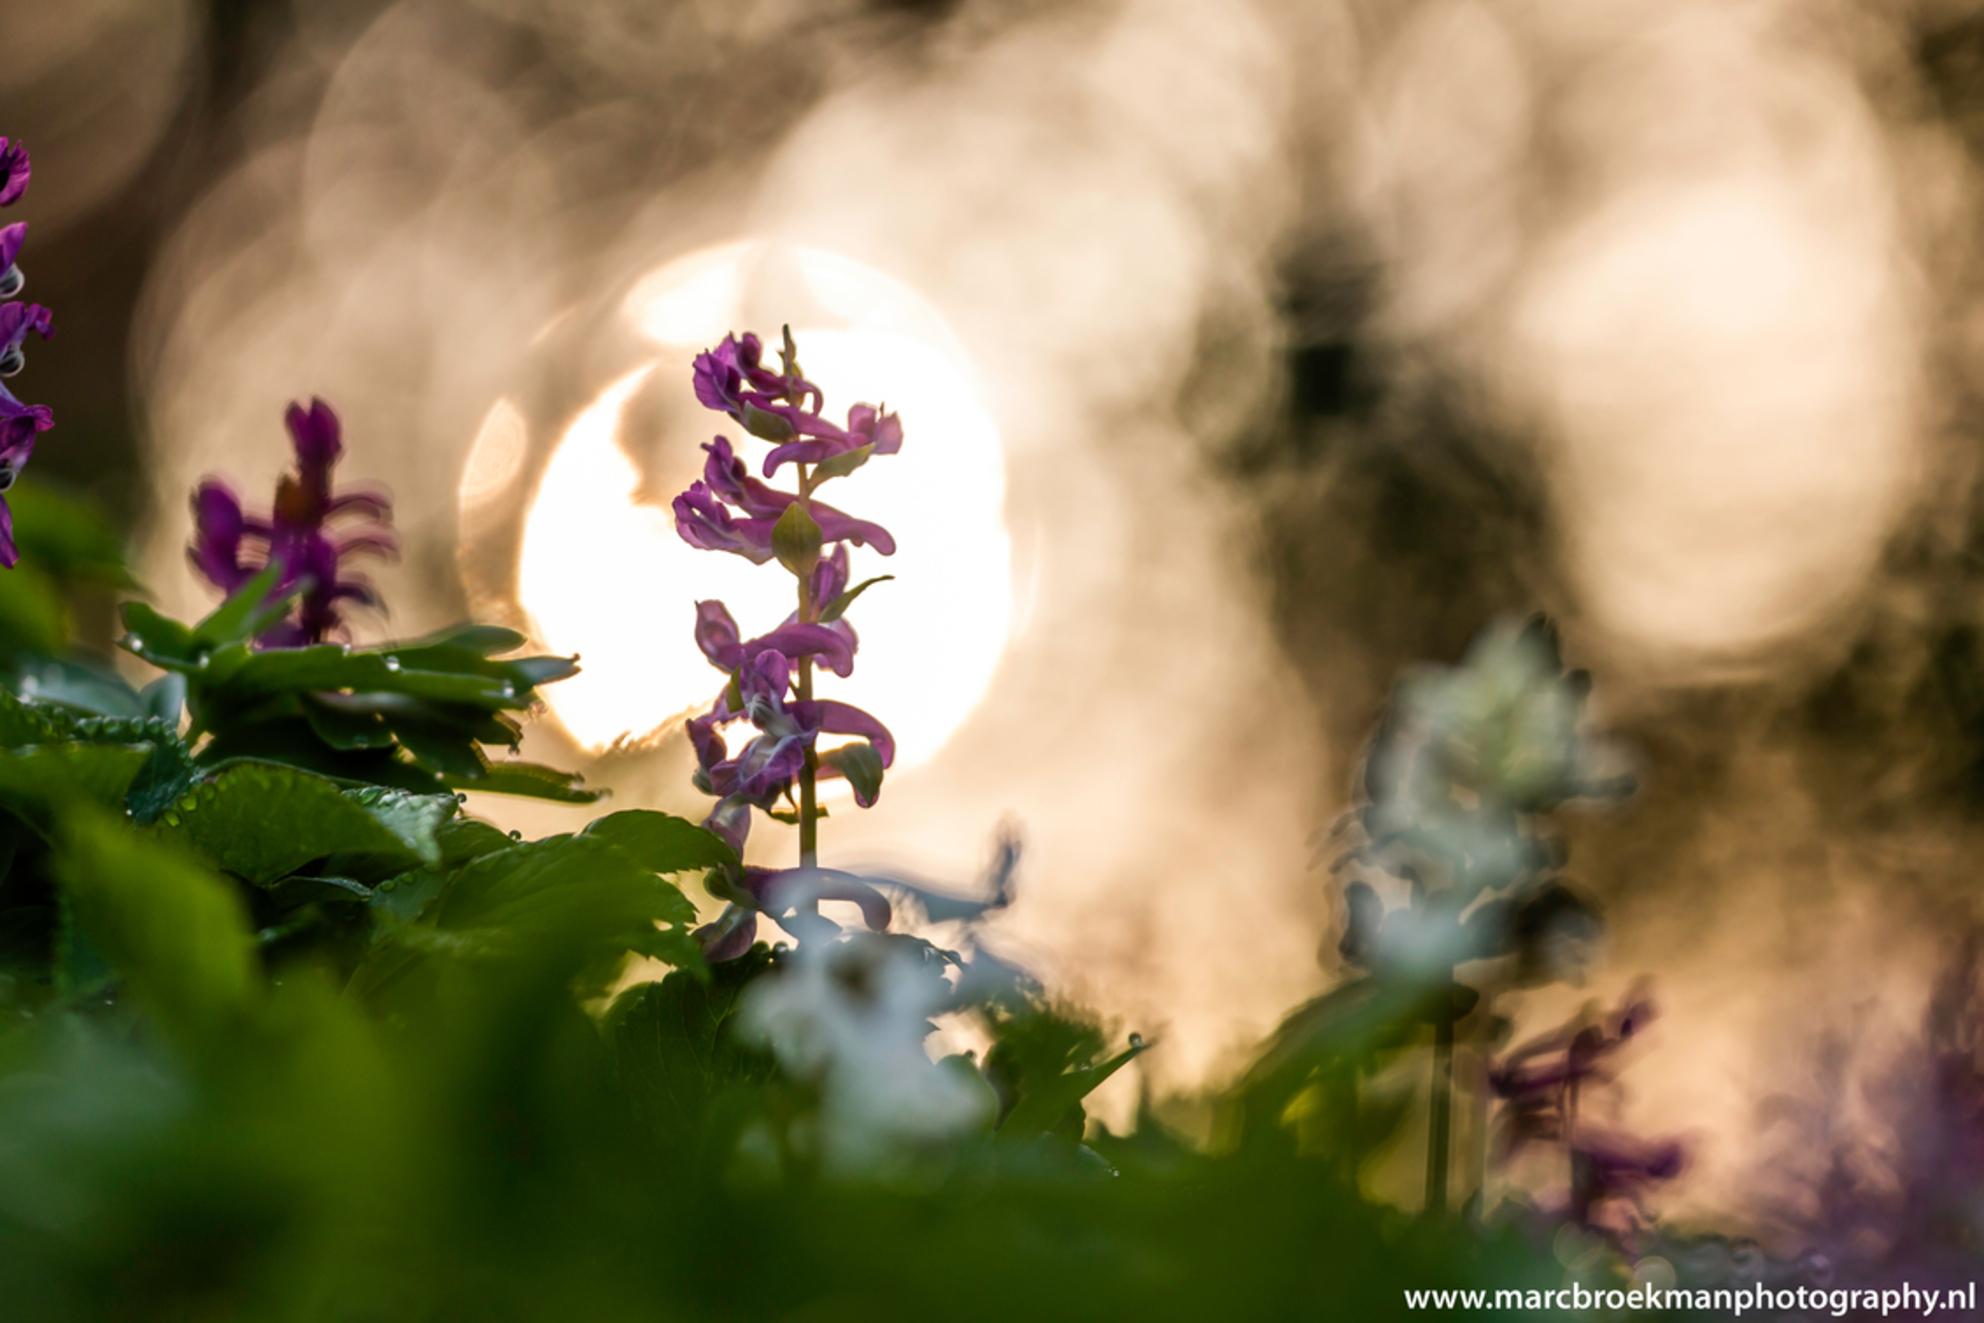 Holwortel Zonsopgang - Holwortel Zonsopgang bij Dickninge 8-4-2018 - foto door marcbroekmanphotography op 08-04-2018 - deze foto bevat: roze, groen, macro, zon, lente, natuur, druppel, licht, tegenlicht, dof, bokeh, dickninge